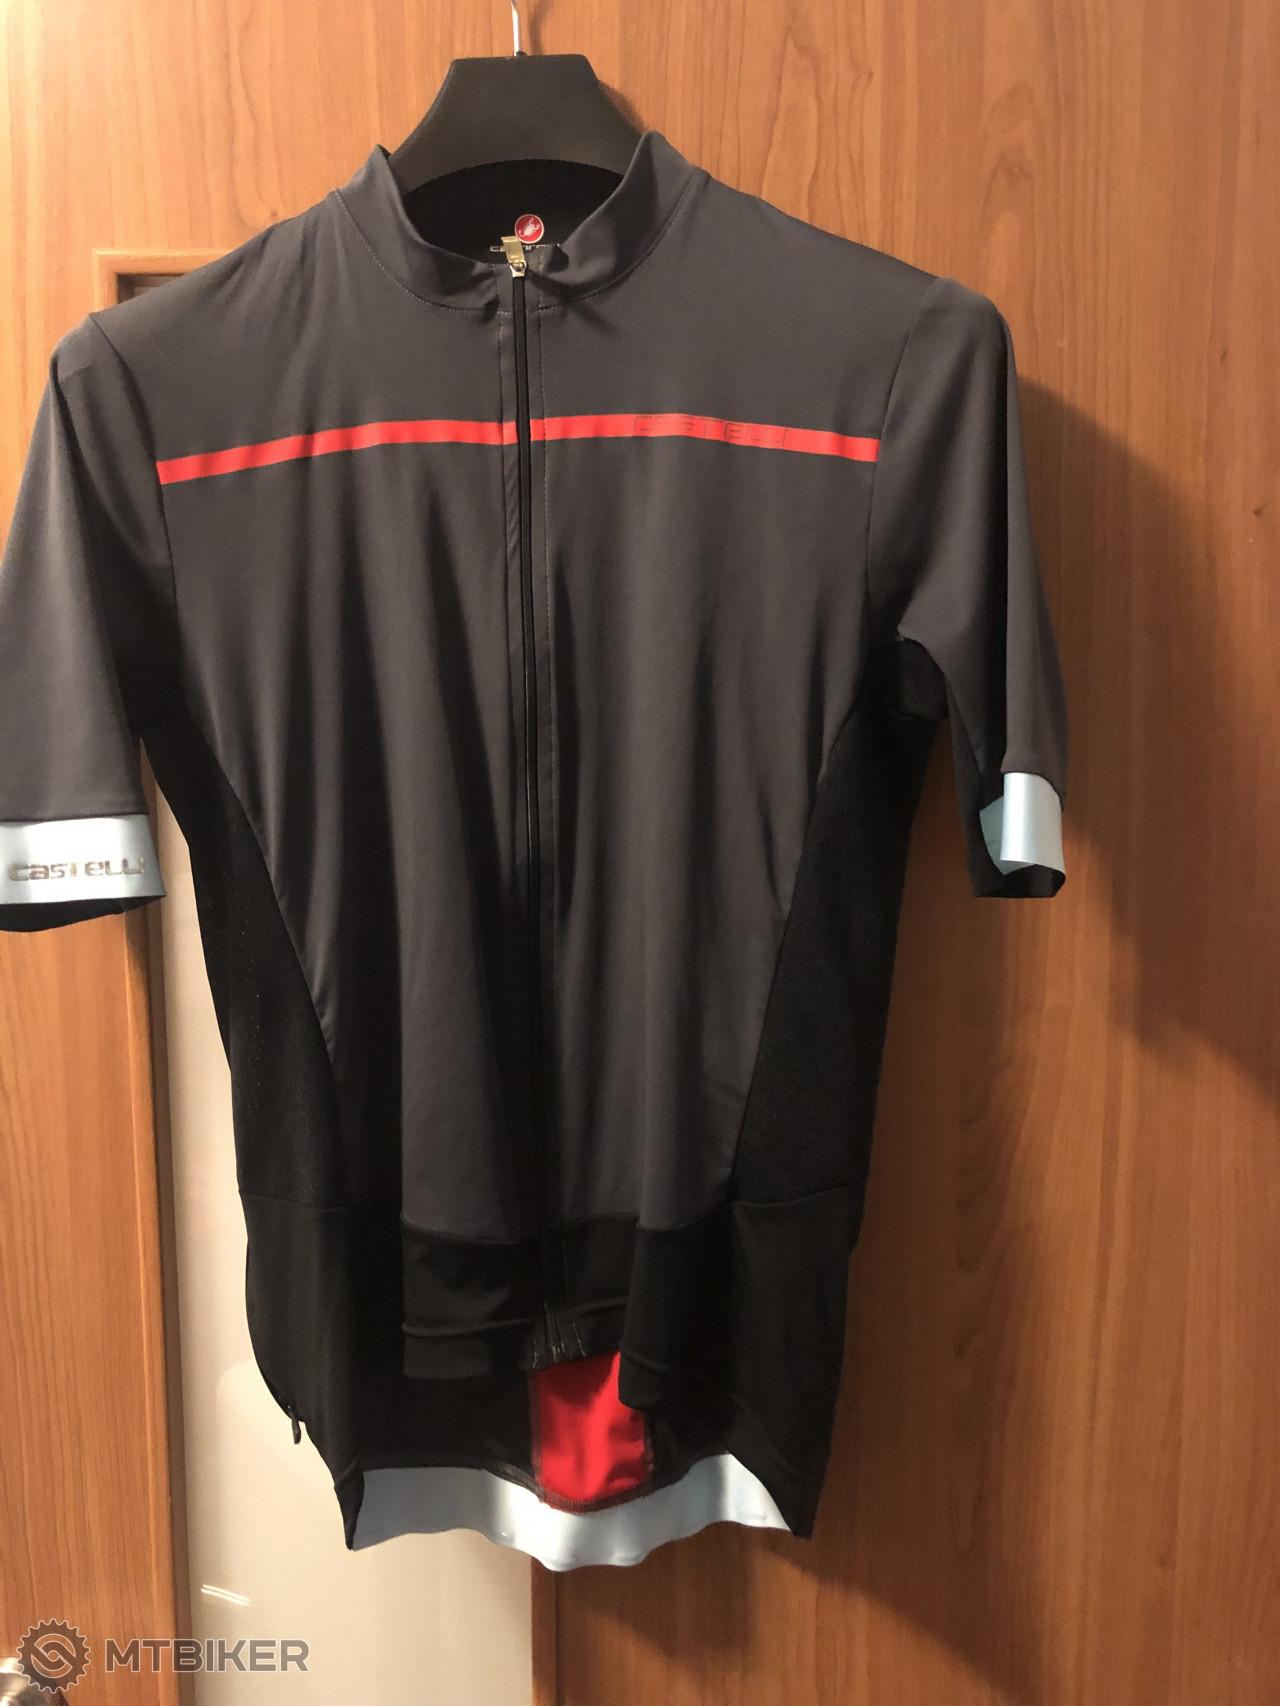 e8449ce5899b8 Dres Castelli - Príslušenstvo - Oblečenie a batohy - Bazár MTBIKER